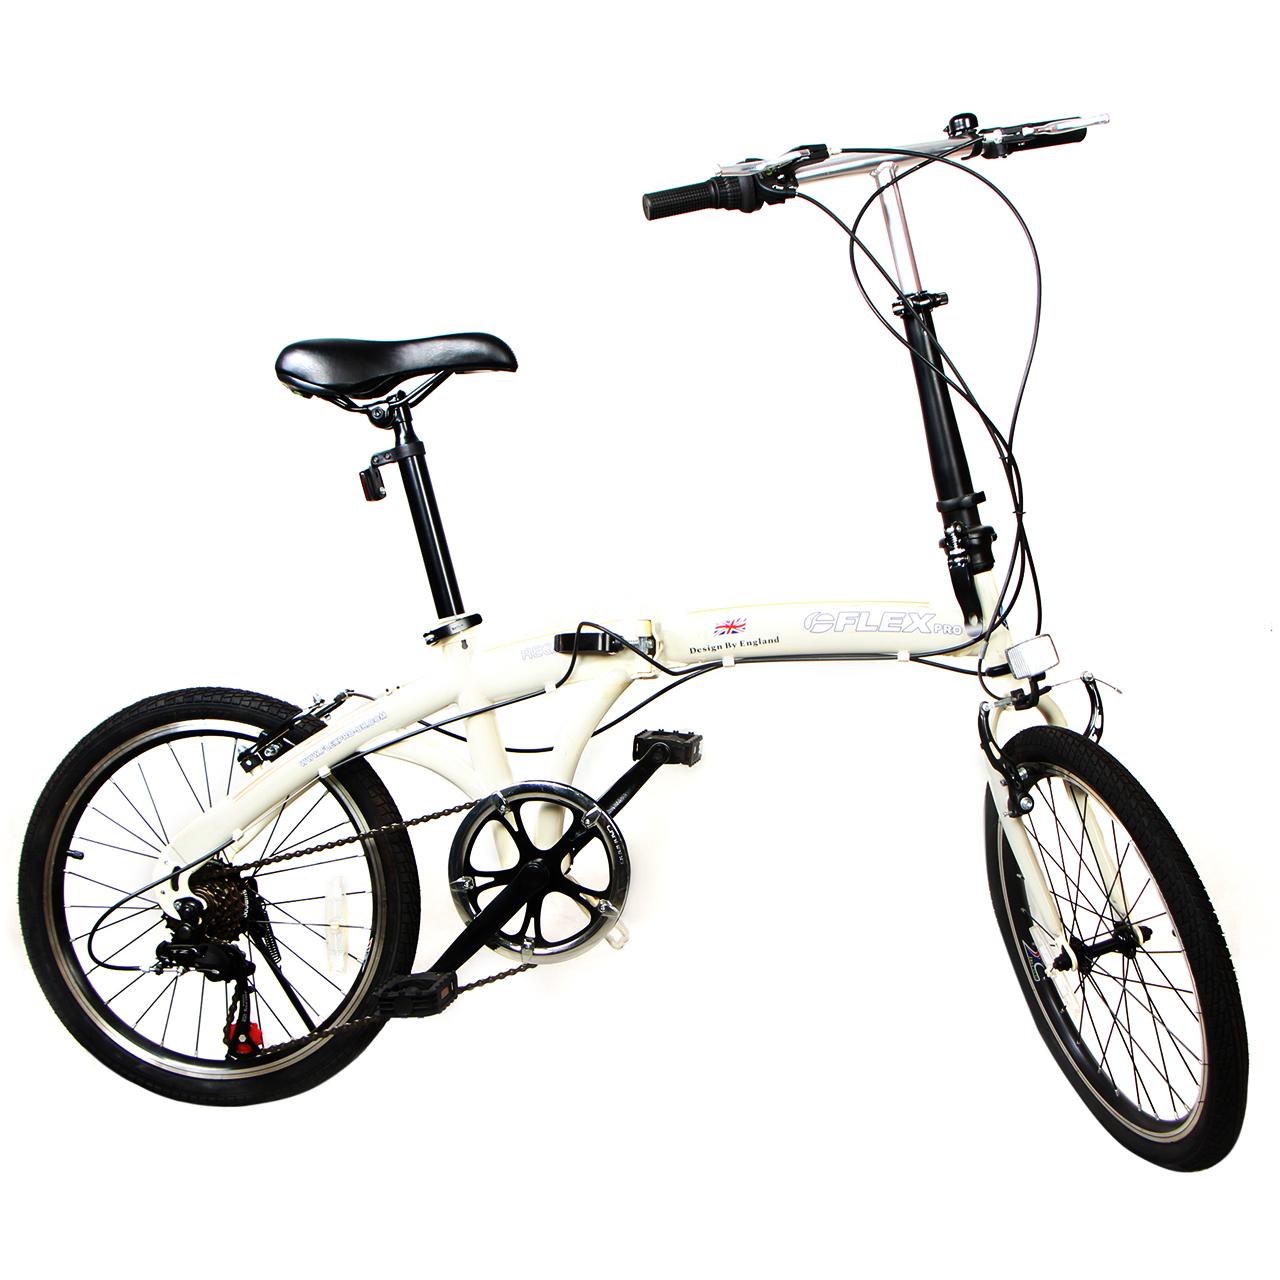 دوچرخه تاشو free size فلکس پرو مدل regalia